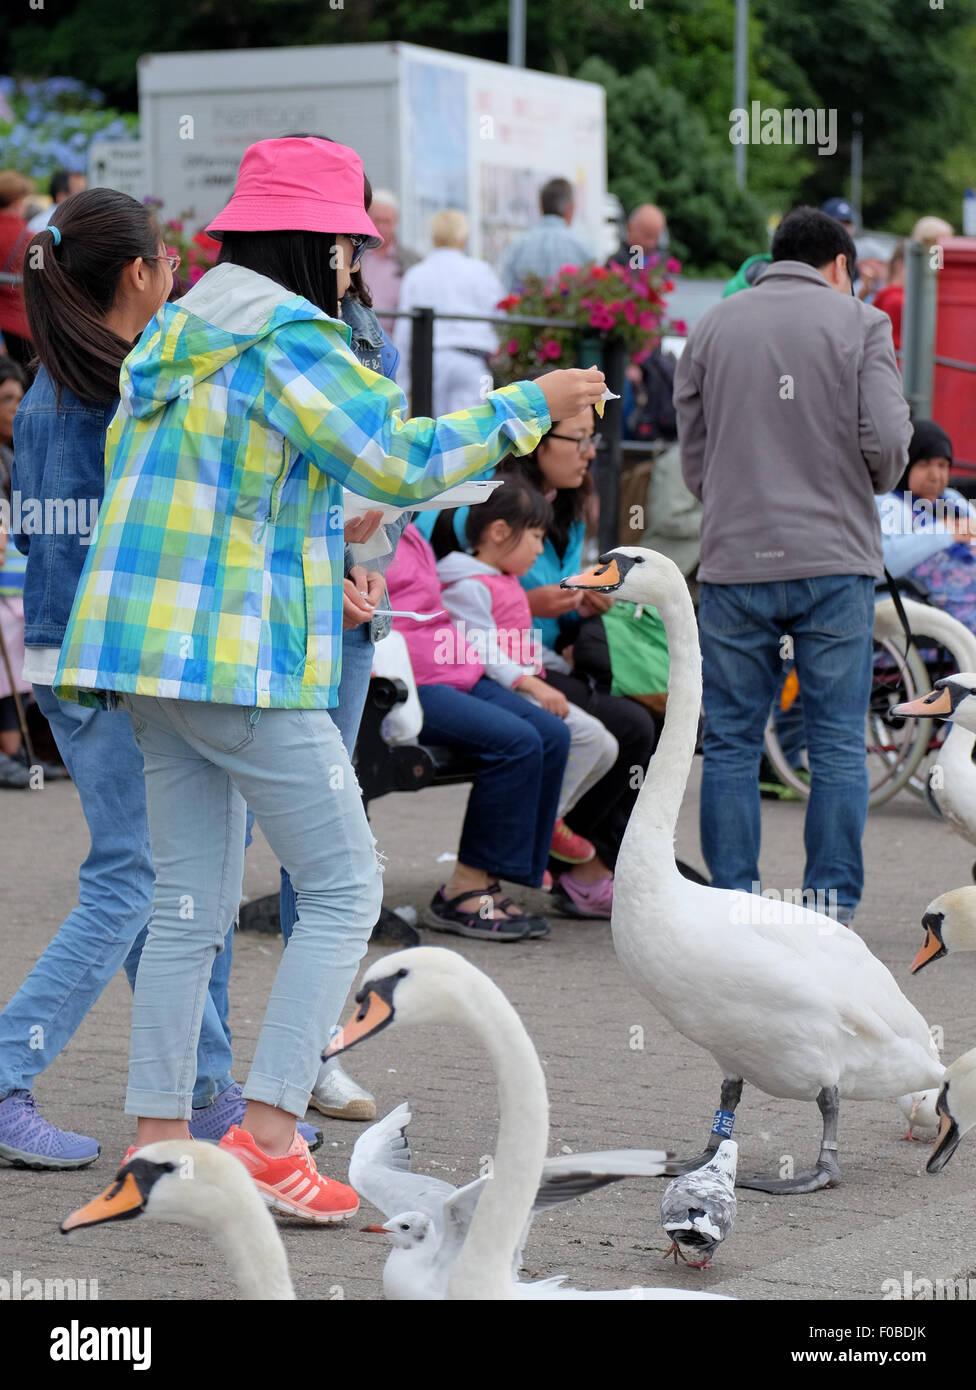 Les touristes à Bowness-On-Windermere nourrir les cygnes et oiseaux jetons finissent par perdre la plupart Photo Stock